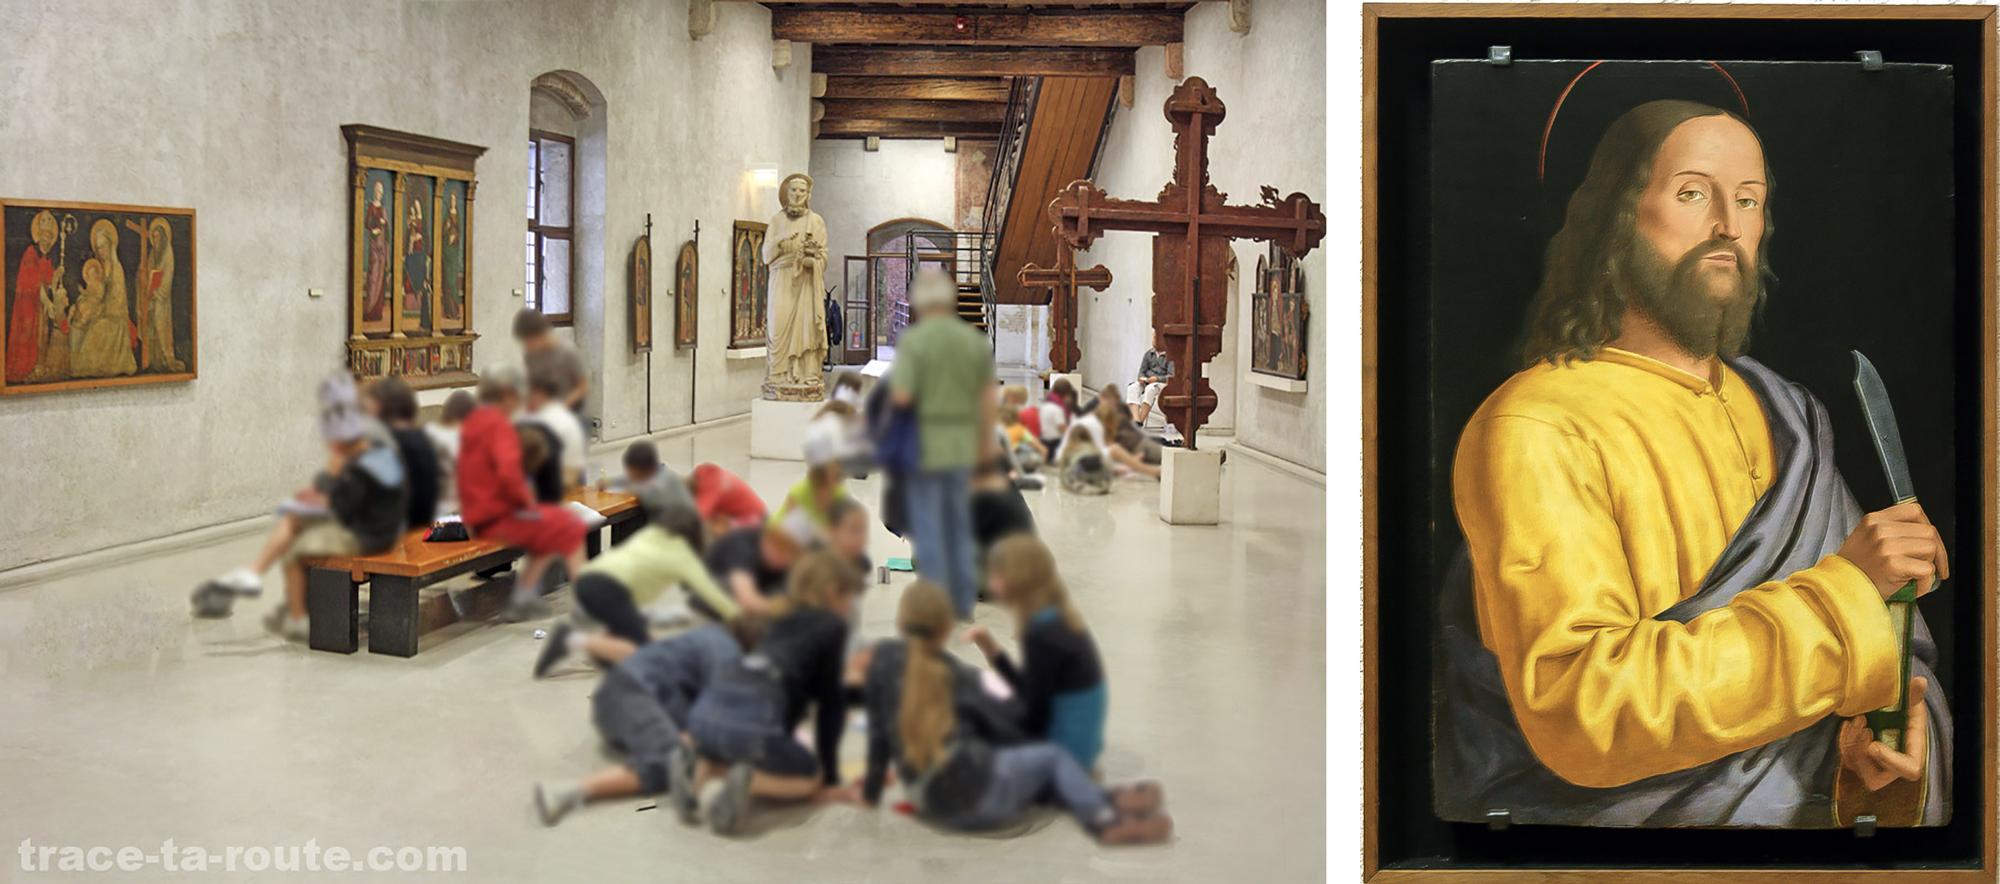 """Musée de Vérone Italie Tourisme Voyage - """"Saint Barthélémy"""" (fin XVe / début XVIe siècle) Francesco MORONE Renaissance Italienne - Museo Castelvecchio Verona Italia Visit Italy Travel Art Painting Museum"""